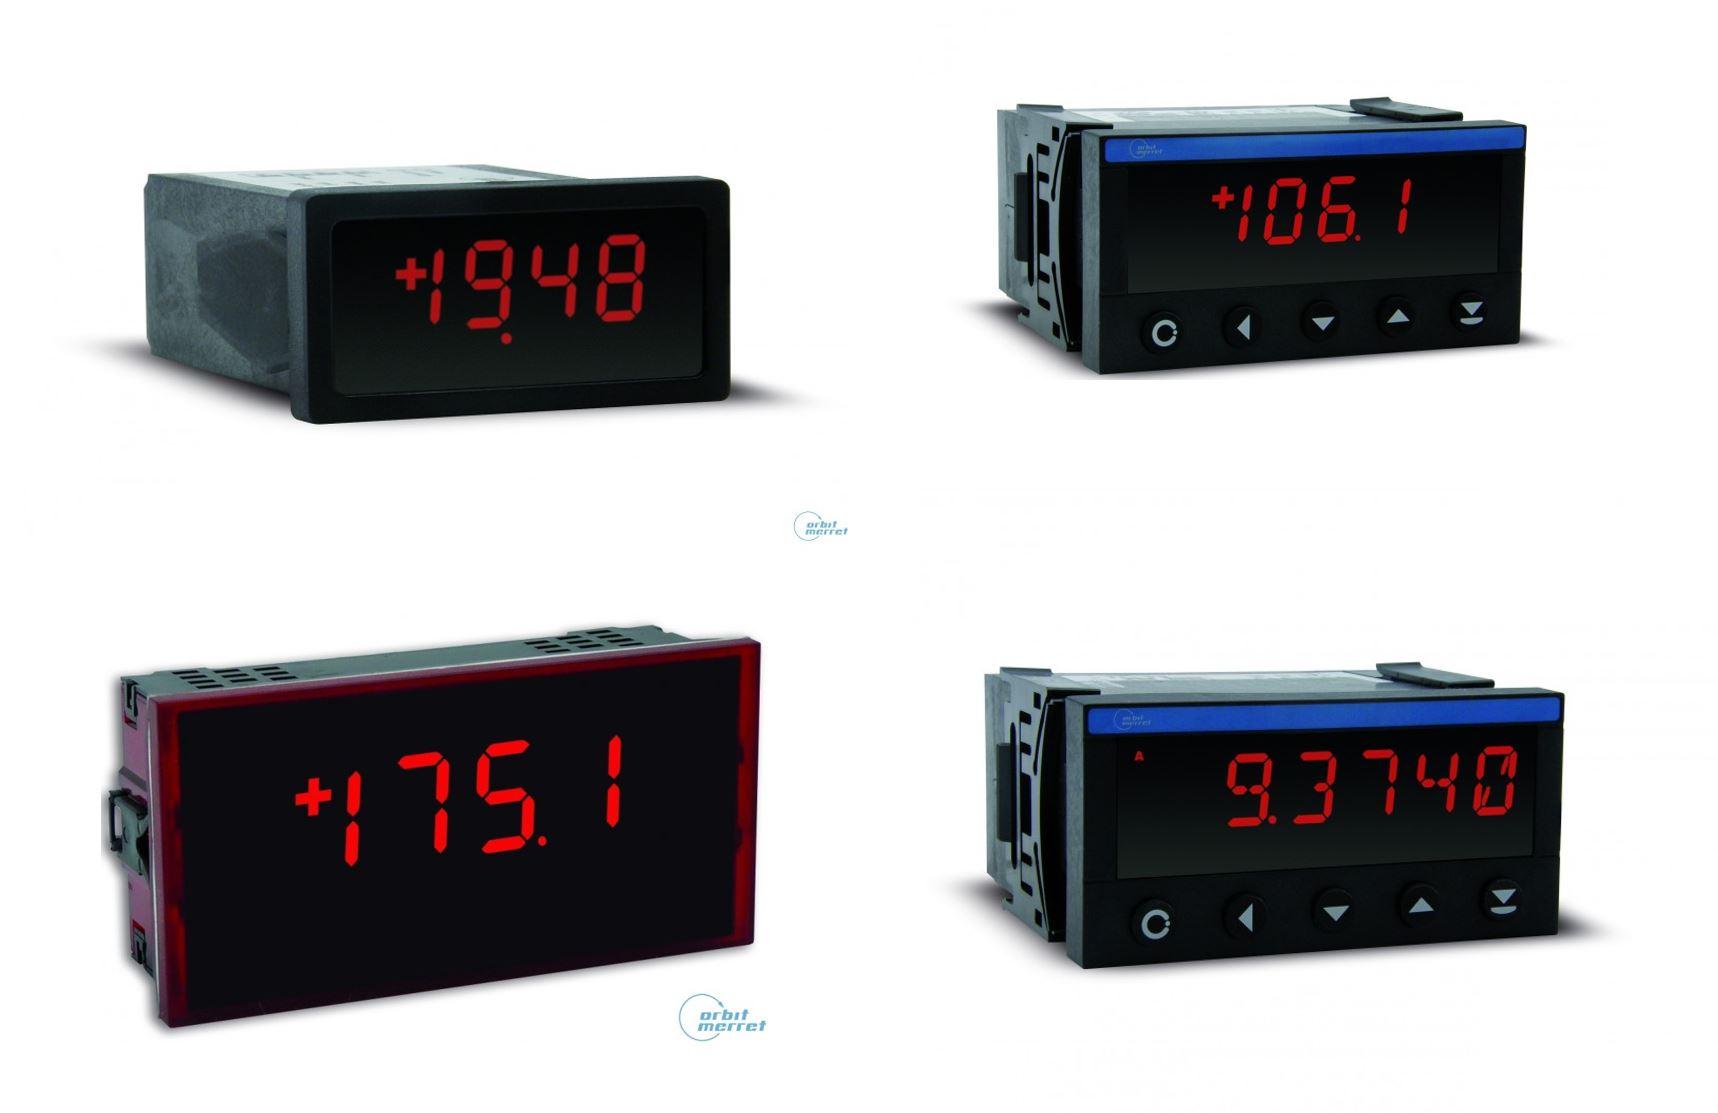 Bộ hiển thị và điều khiển áp suất hãng Orbit Merret